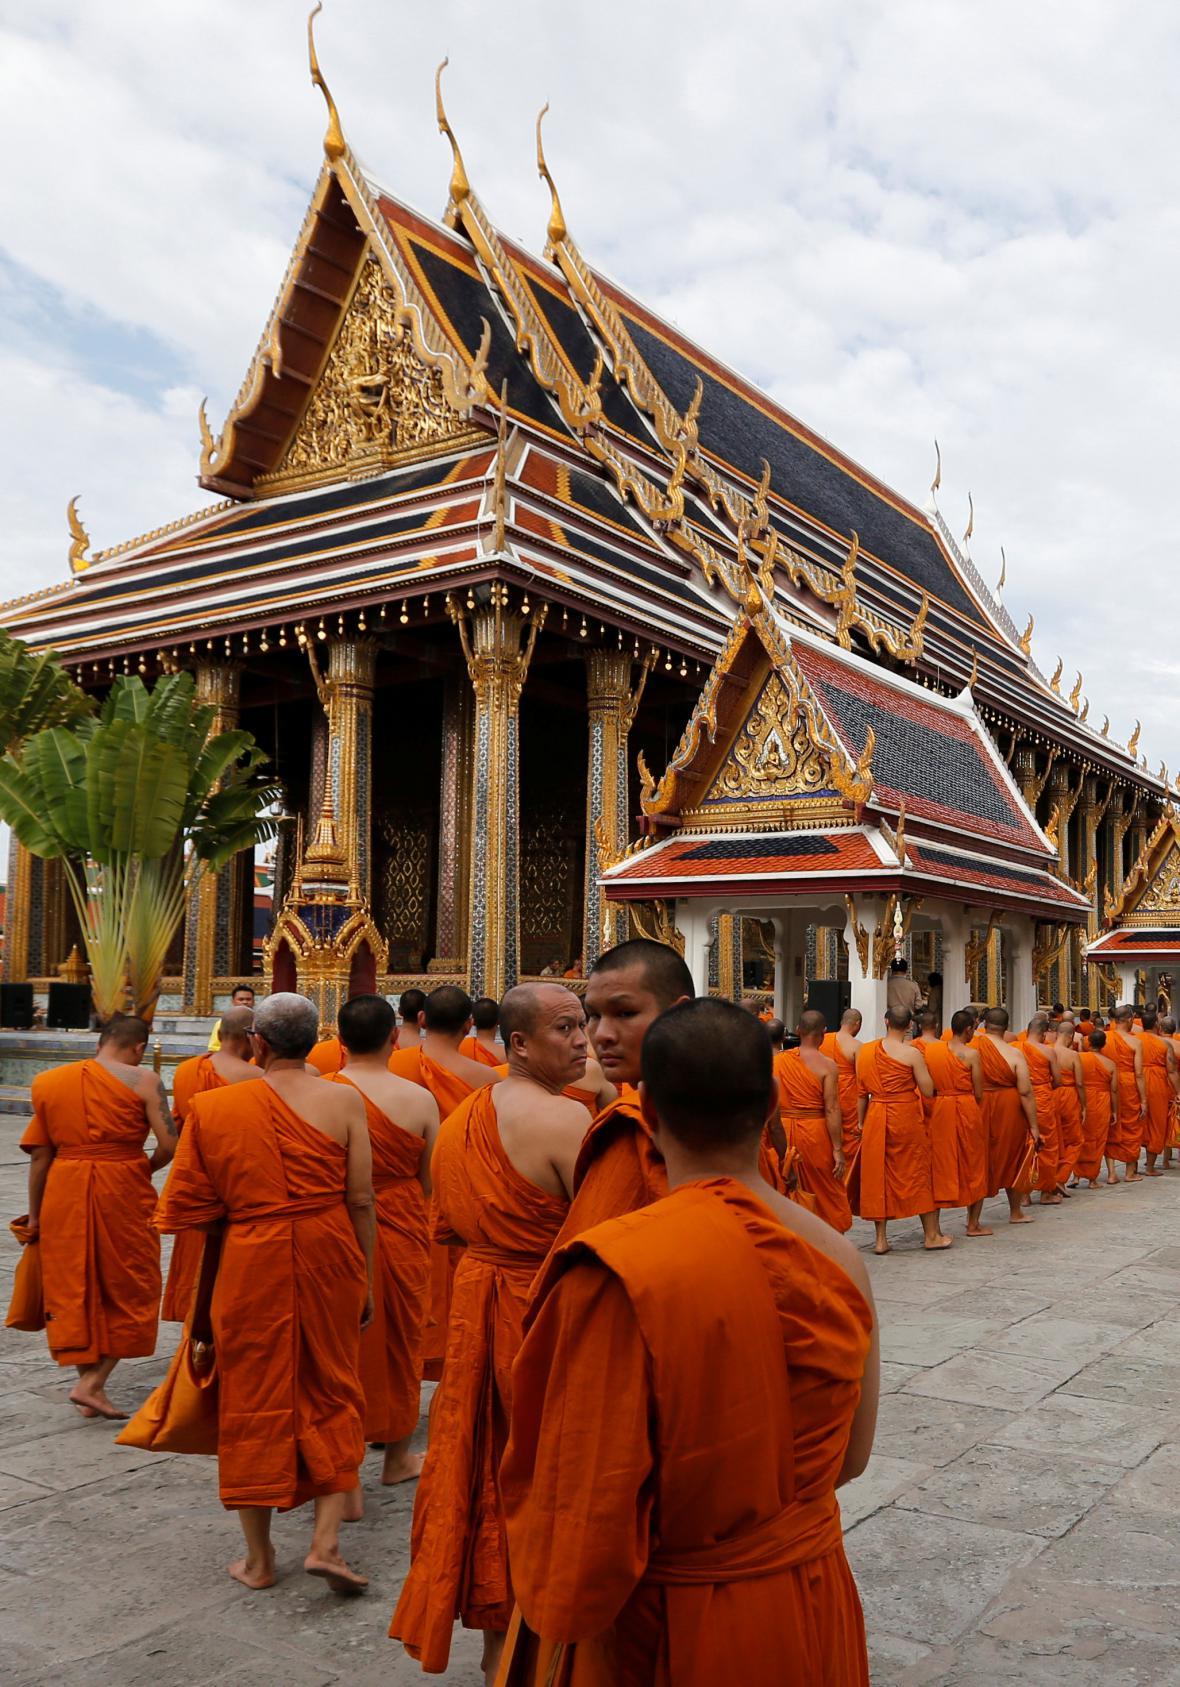 Průvod mnichů v rámci oslav 70. výročí panování Rámy IX.